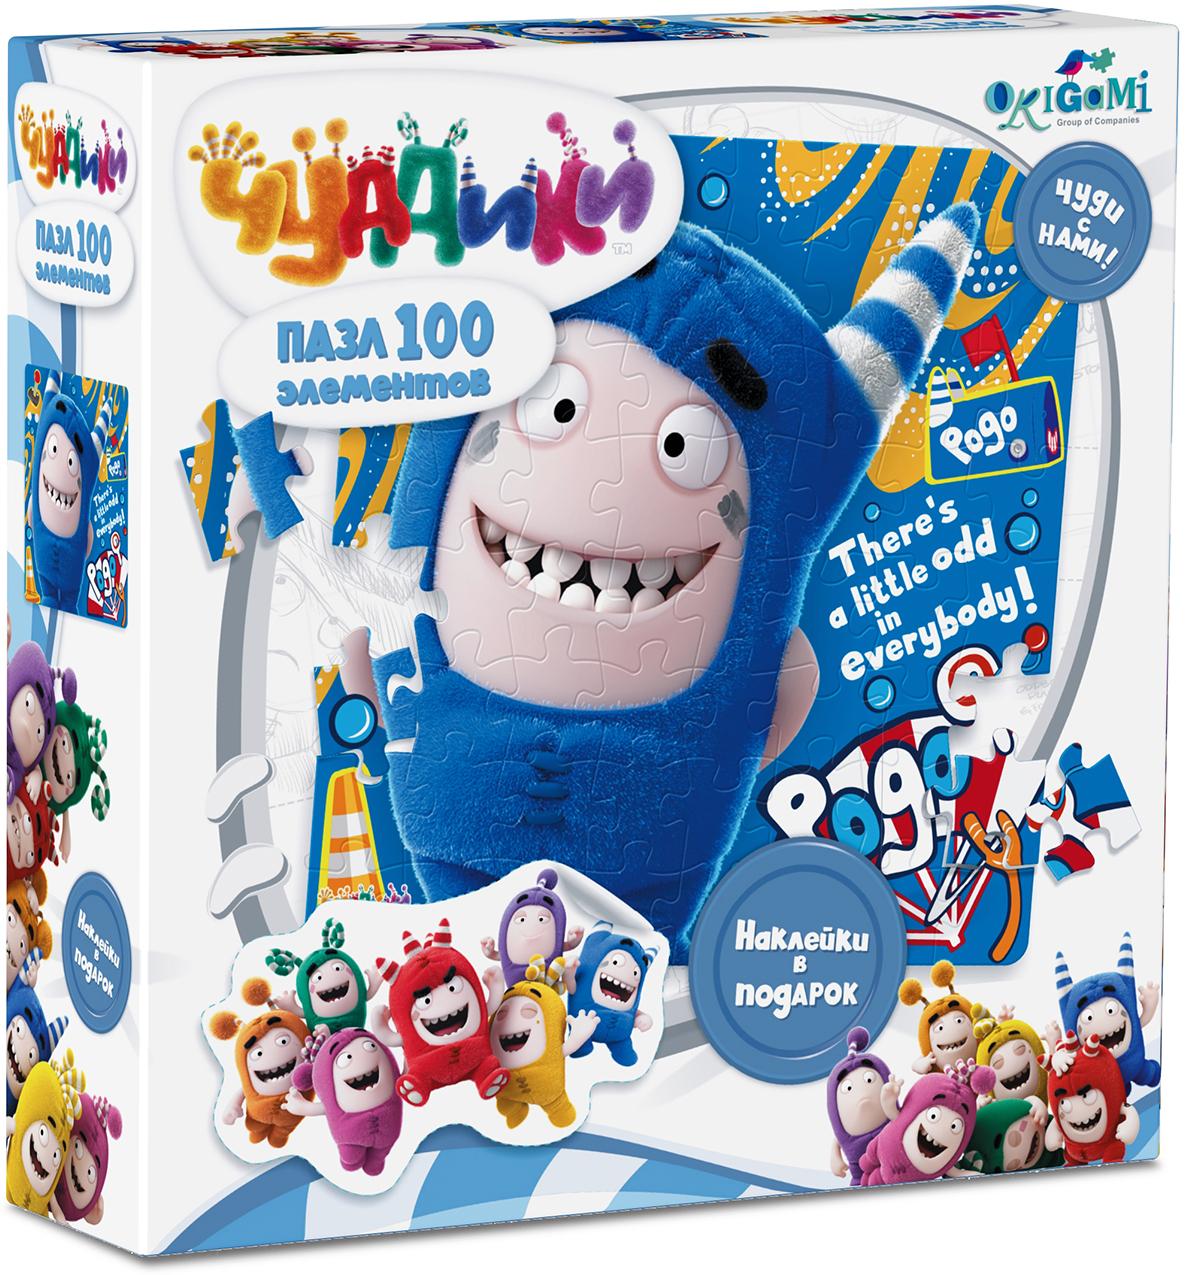 Origami Пазл для малышей с наклейками Pogo 100 элементов